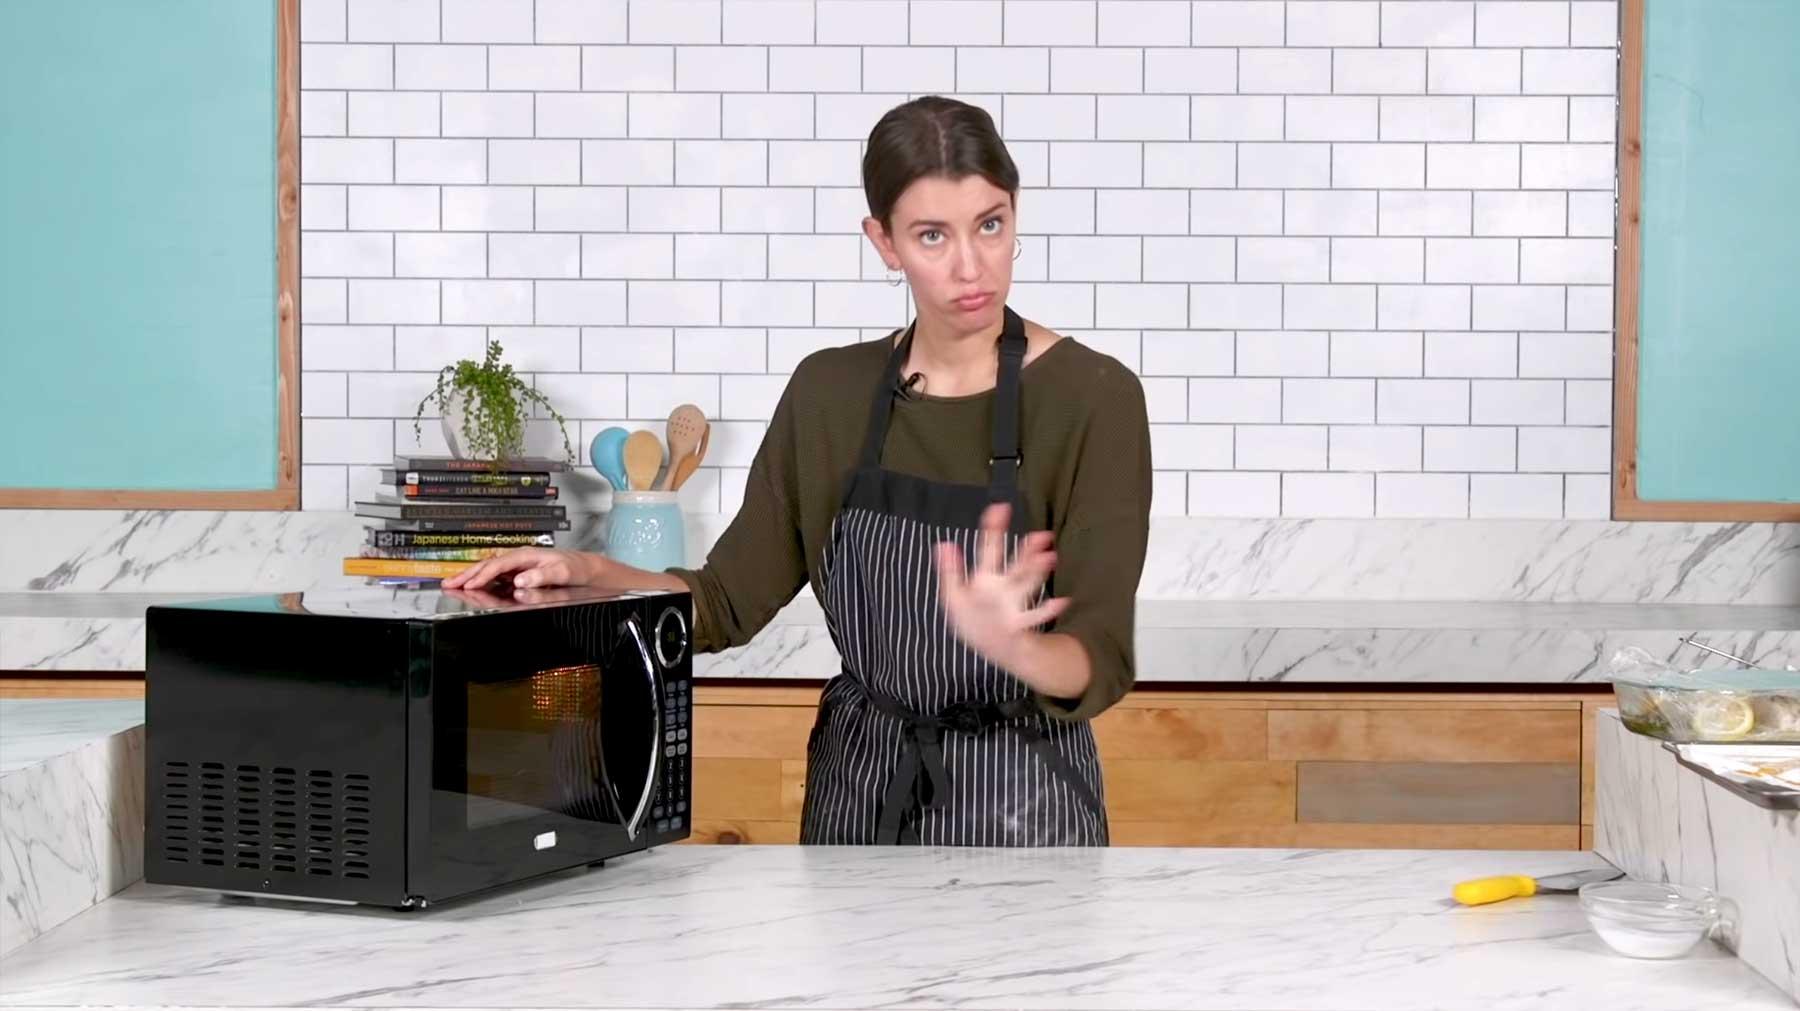 Köchin versucht, 3-Gänge-Menü nur mit der Mikrowelle zu kochen nur-mit-mikrowelle-kochen